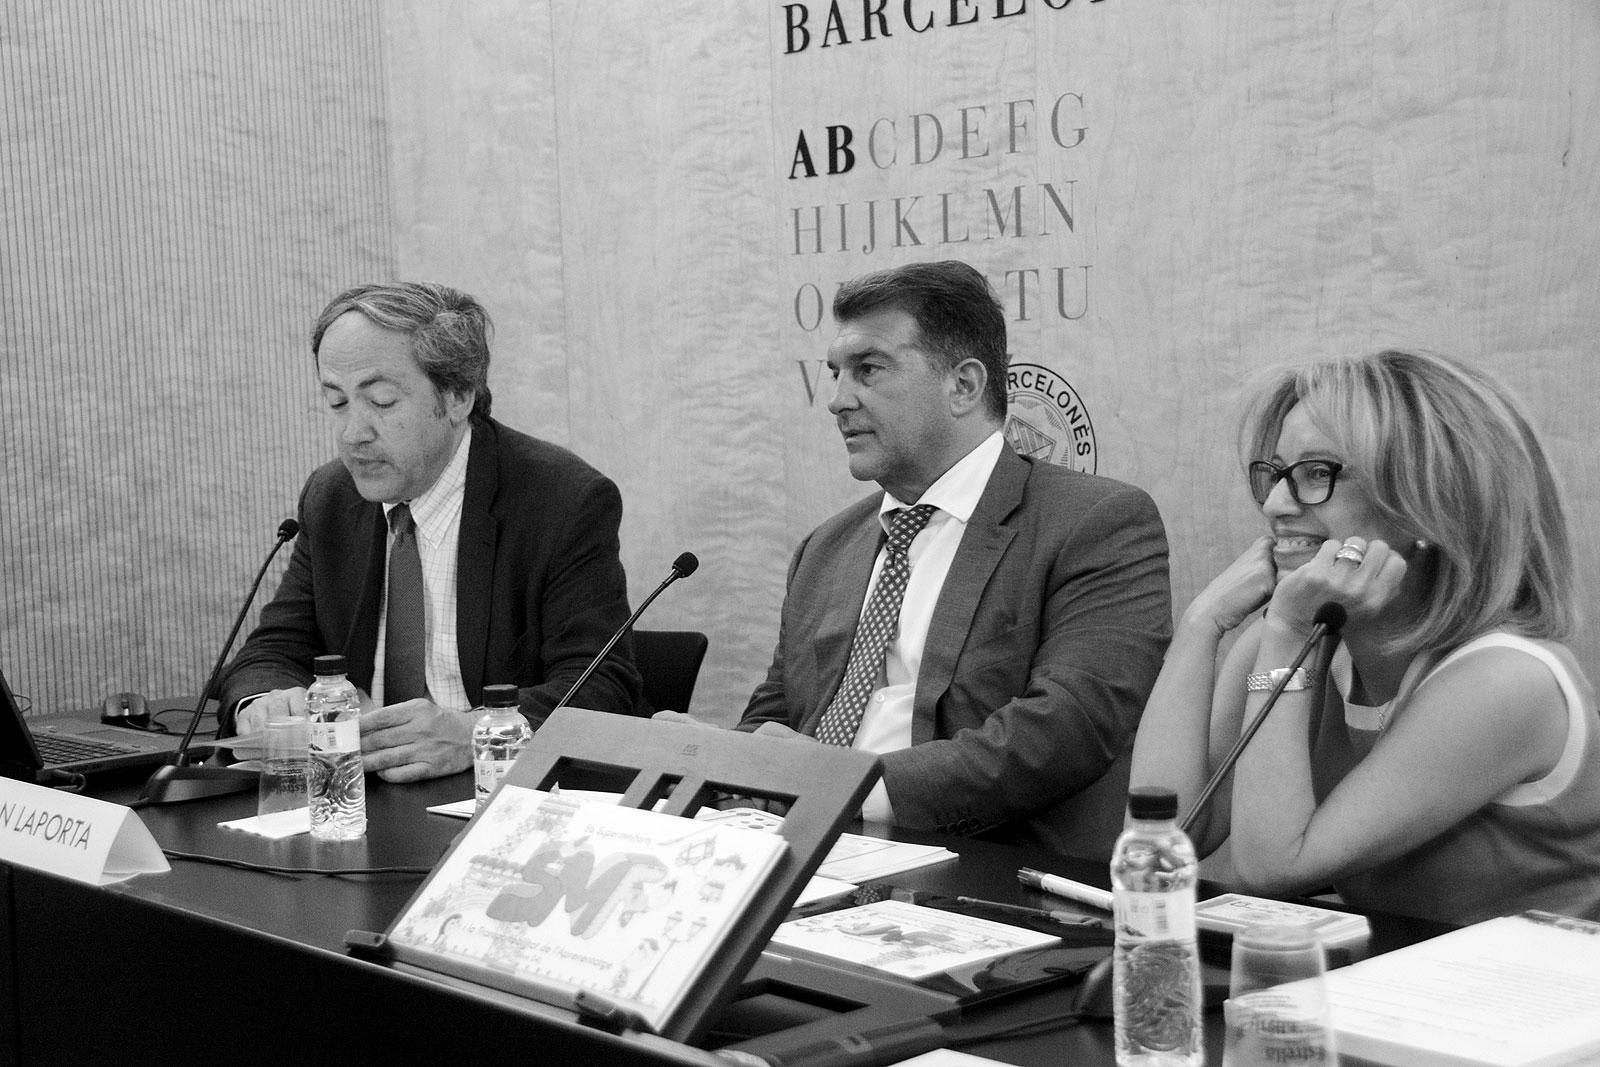 Presentació a l'Ateneu Barcelonès - Juny 2017 (foto 12)